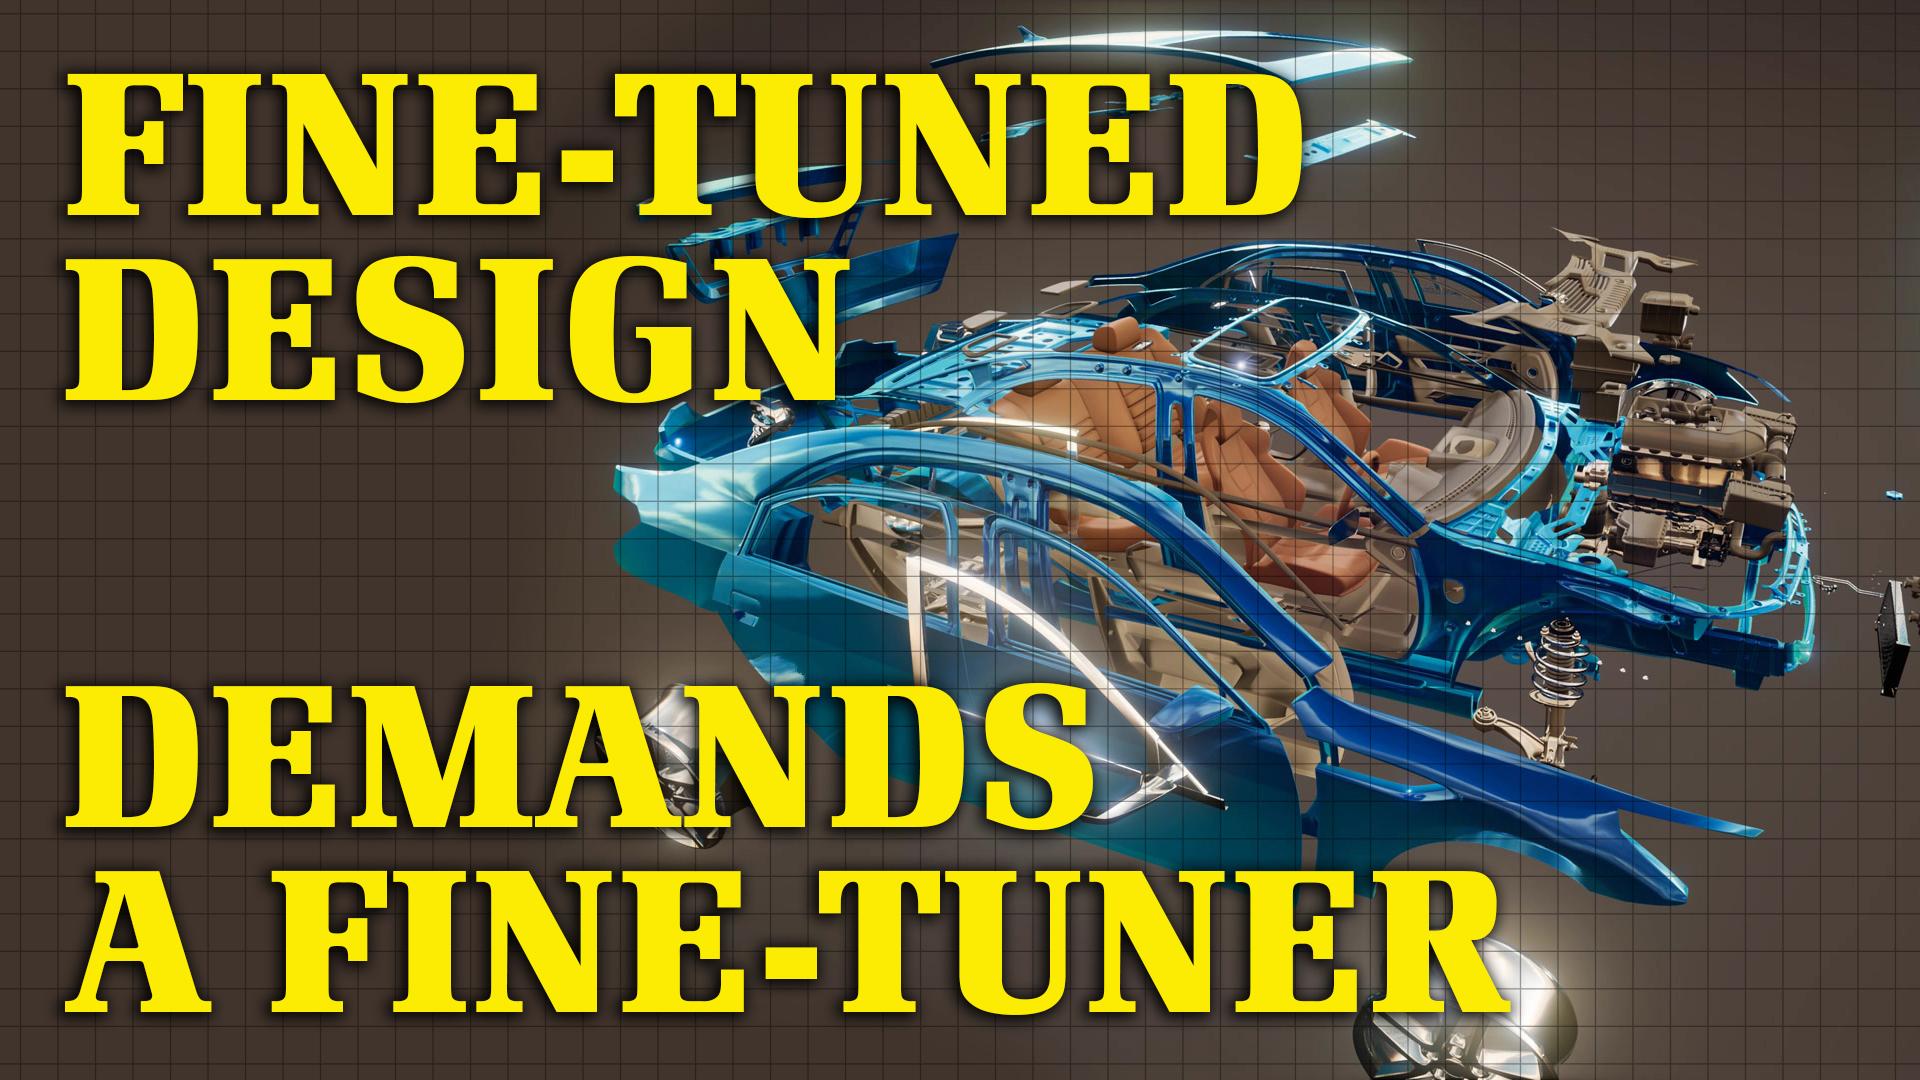 Fine-Tuned Design Demands a Fine-Tuner